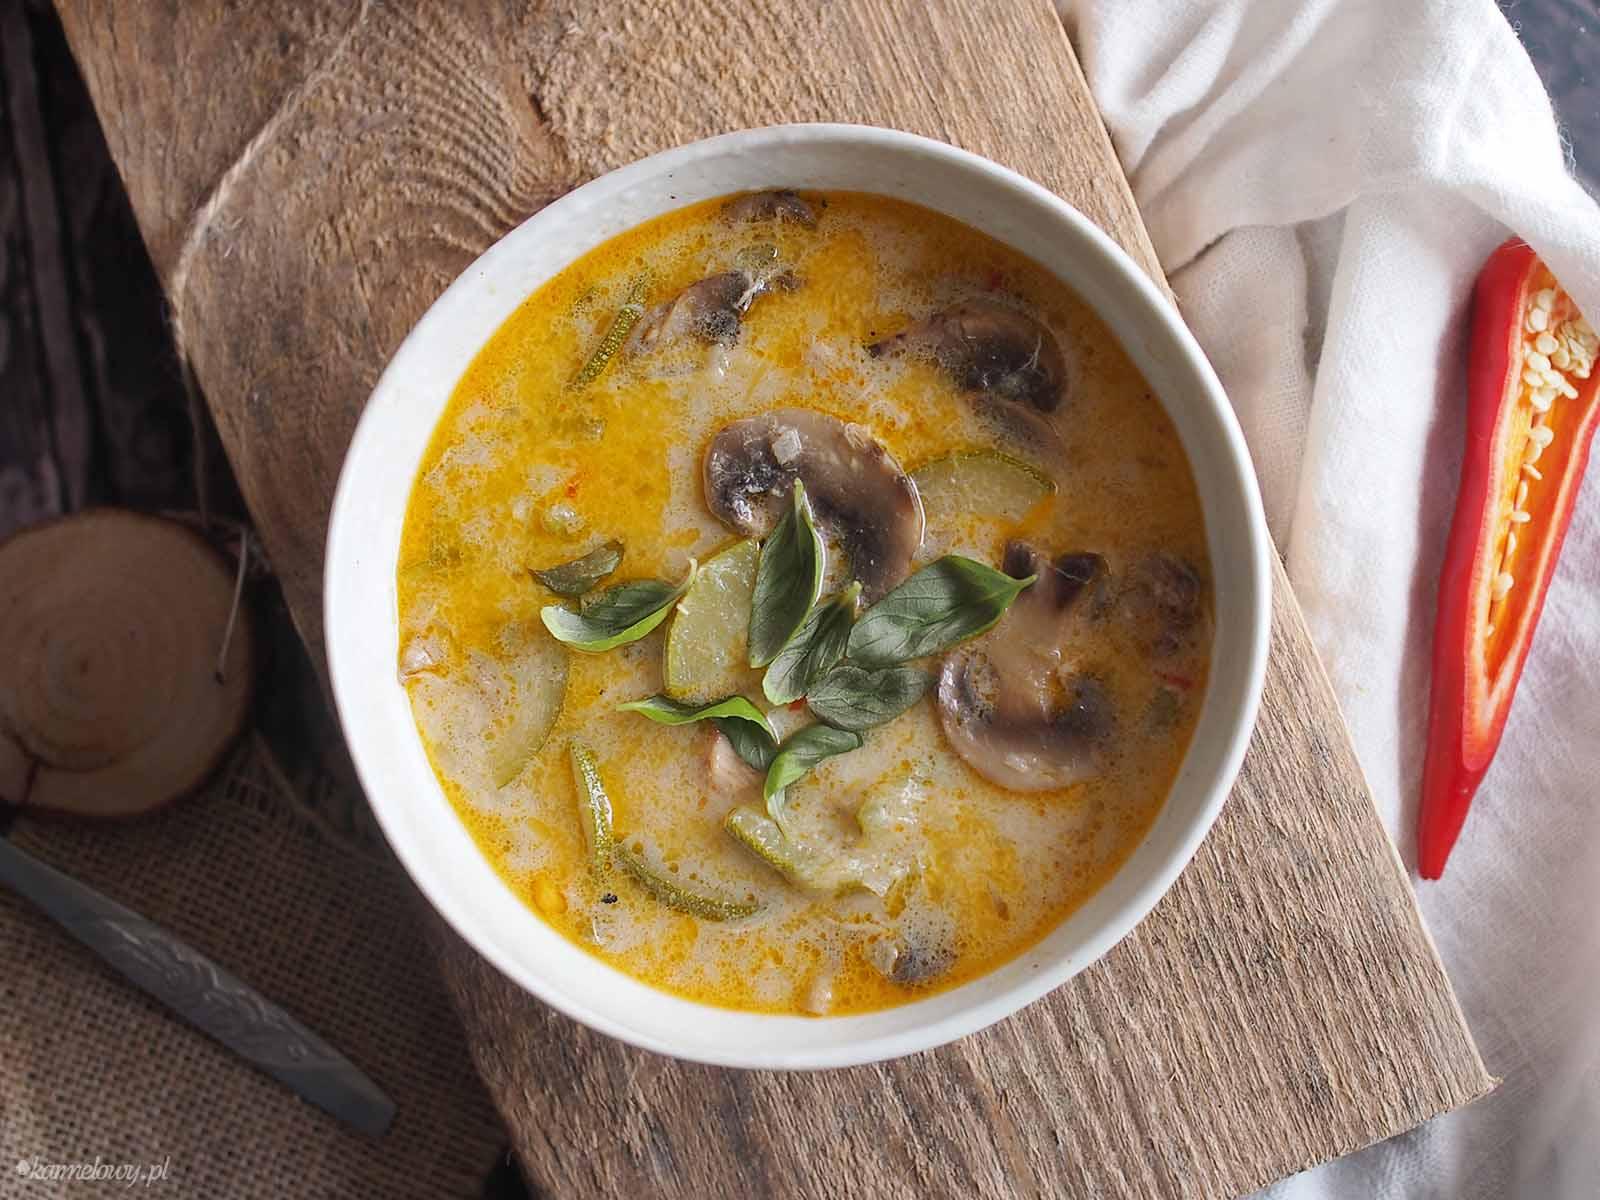 Zupa-kokosowa-z-cukinia-i-grzybami-Coconut-zucchini-and-mushroom-soup